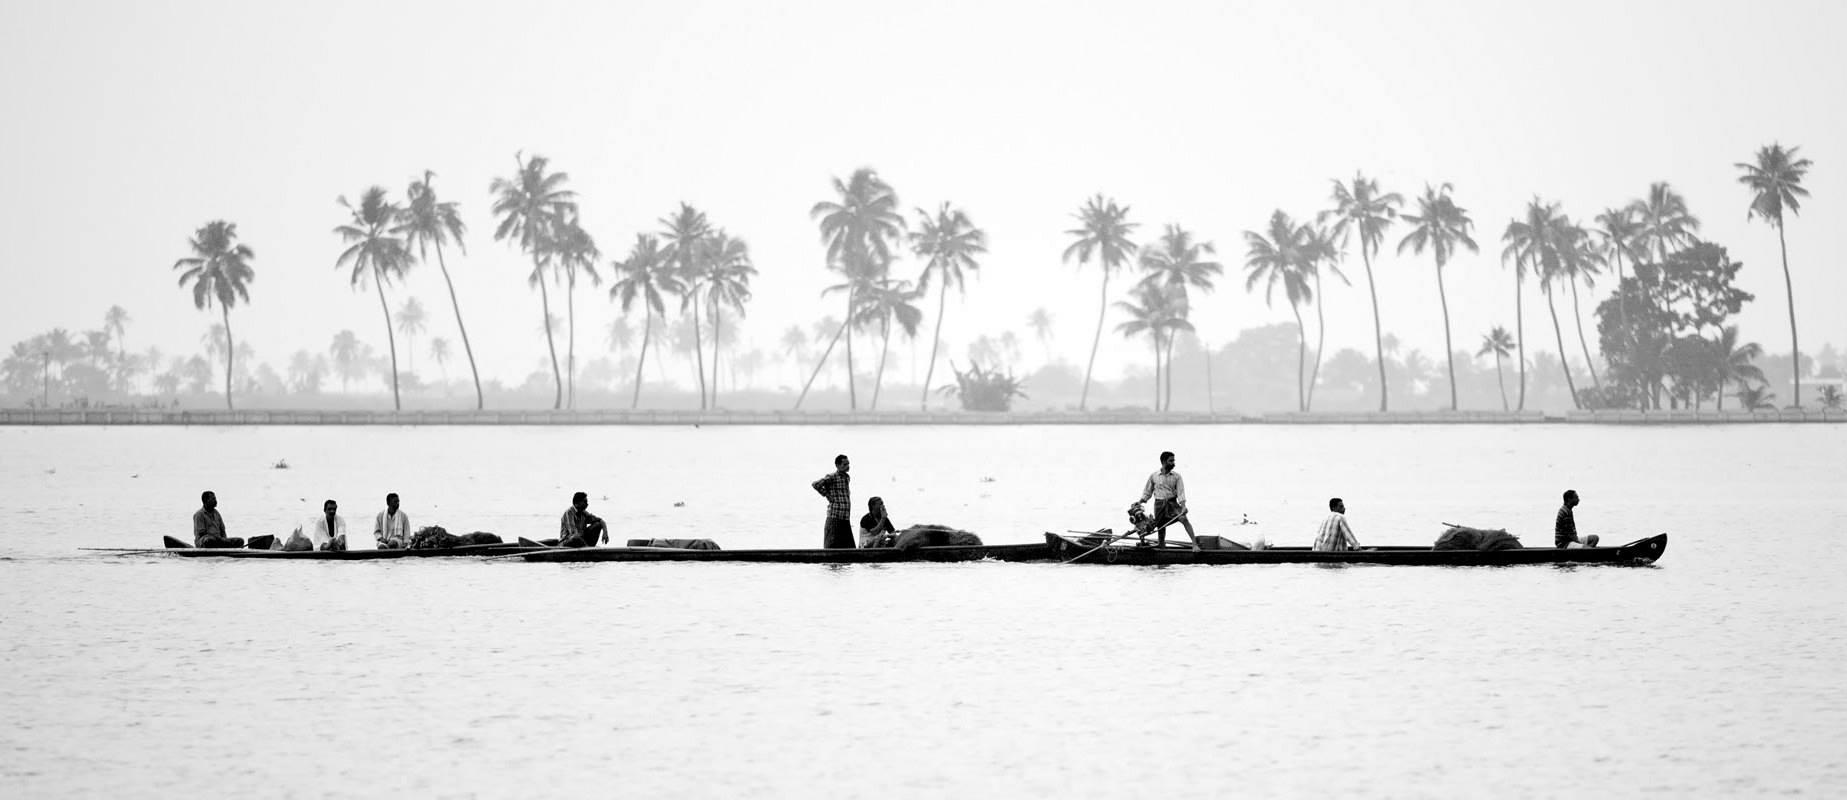 Canoas en rio